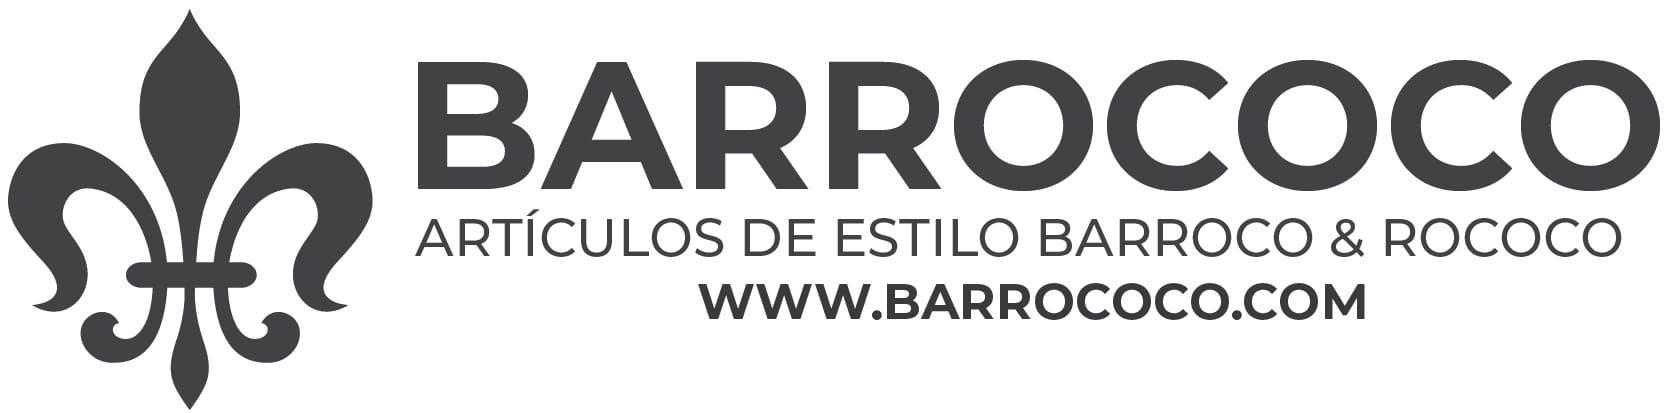 BARROCOCO